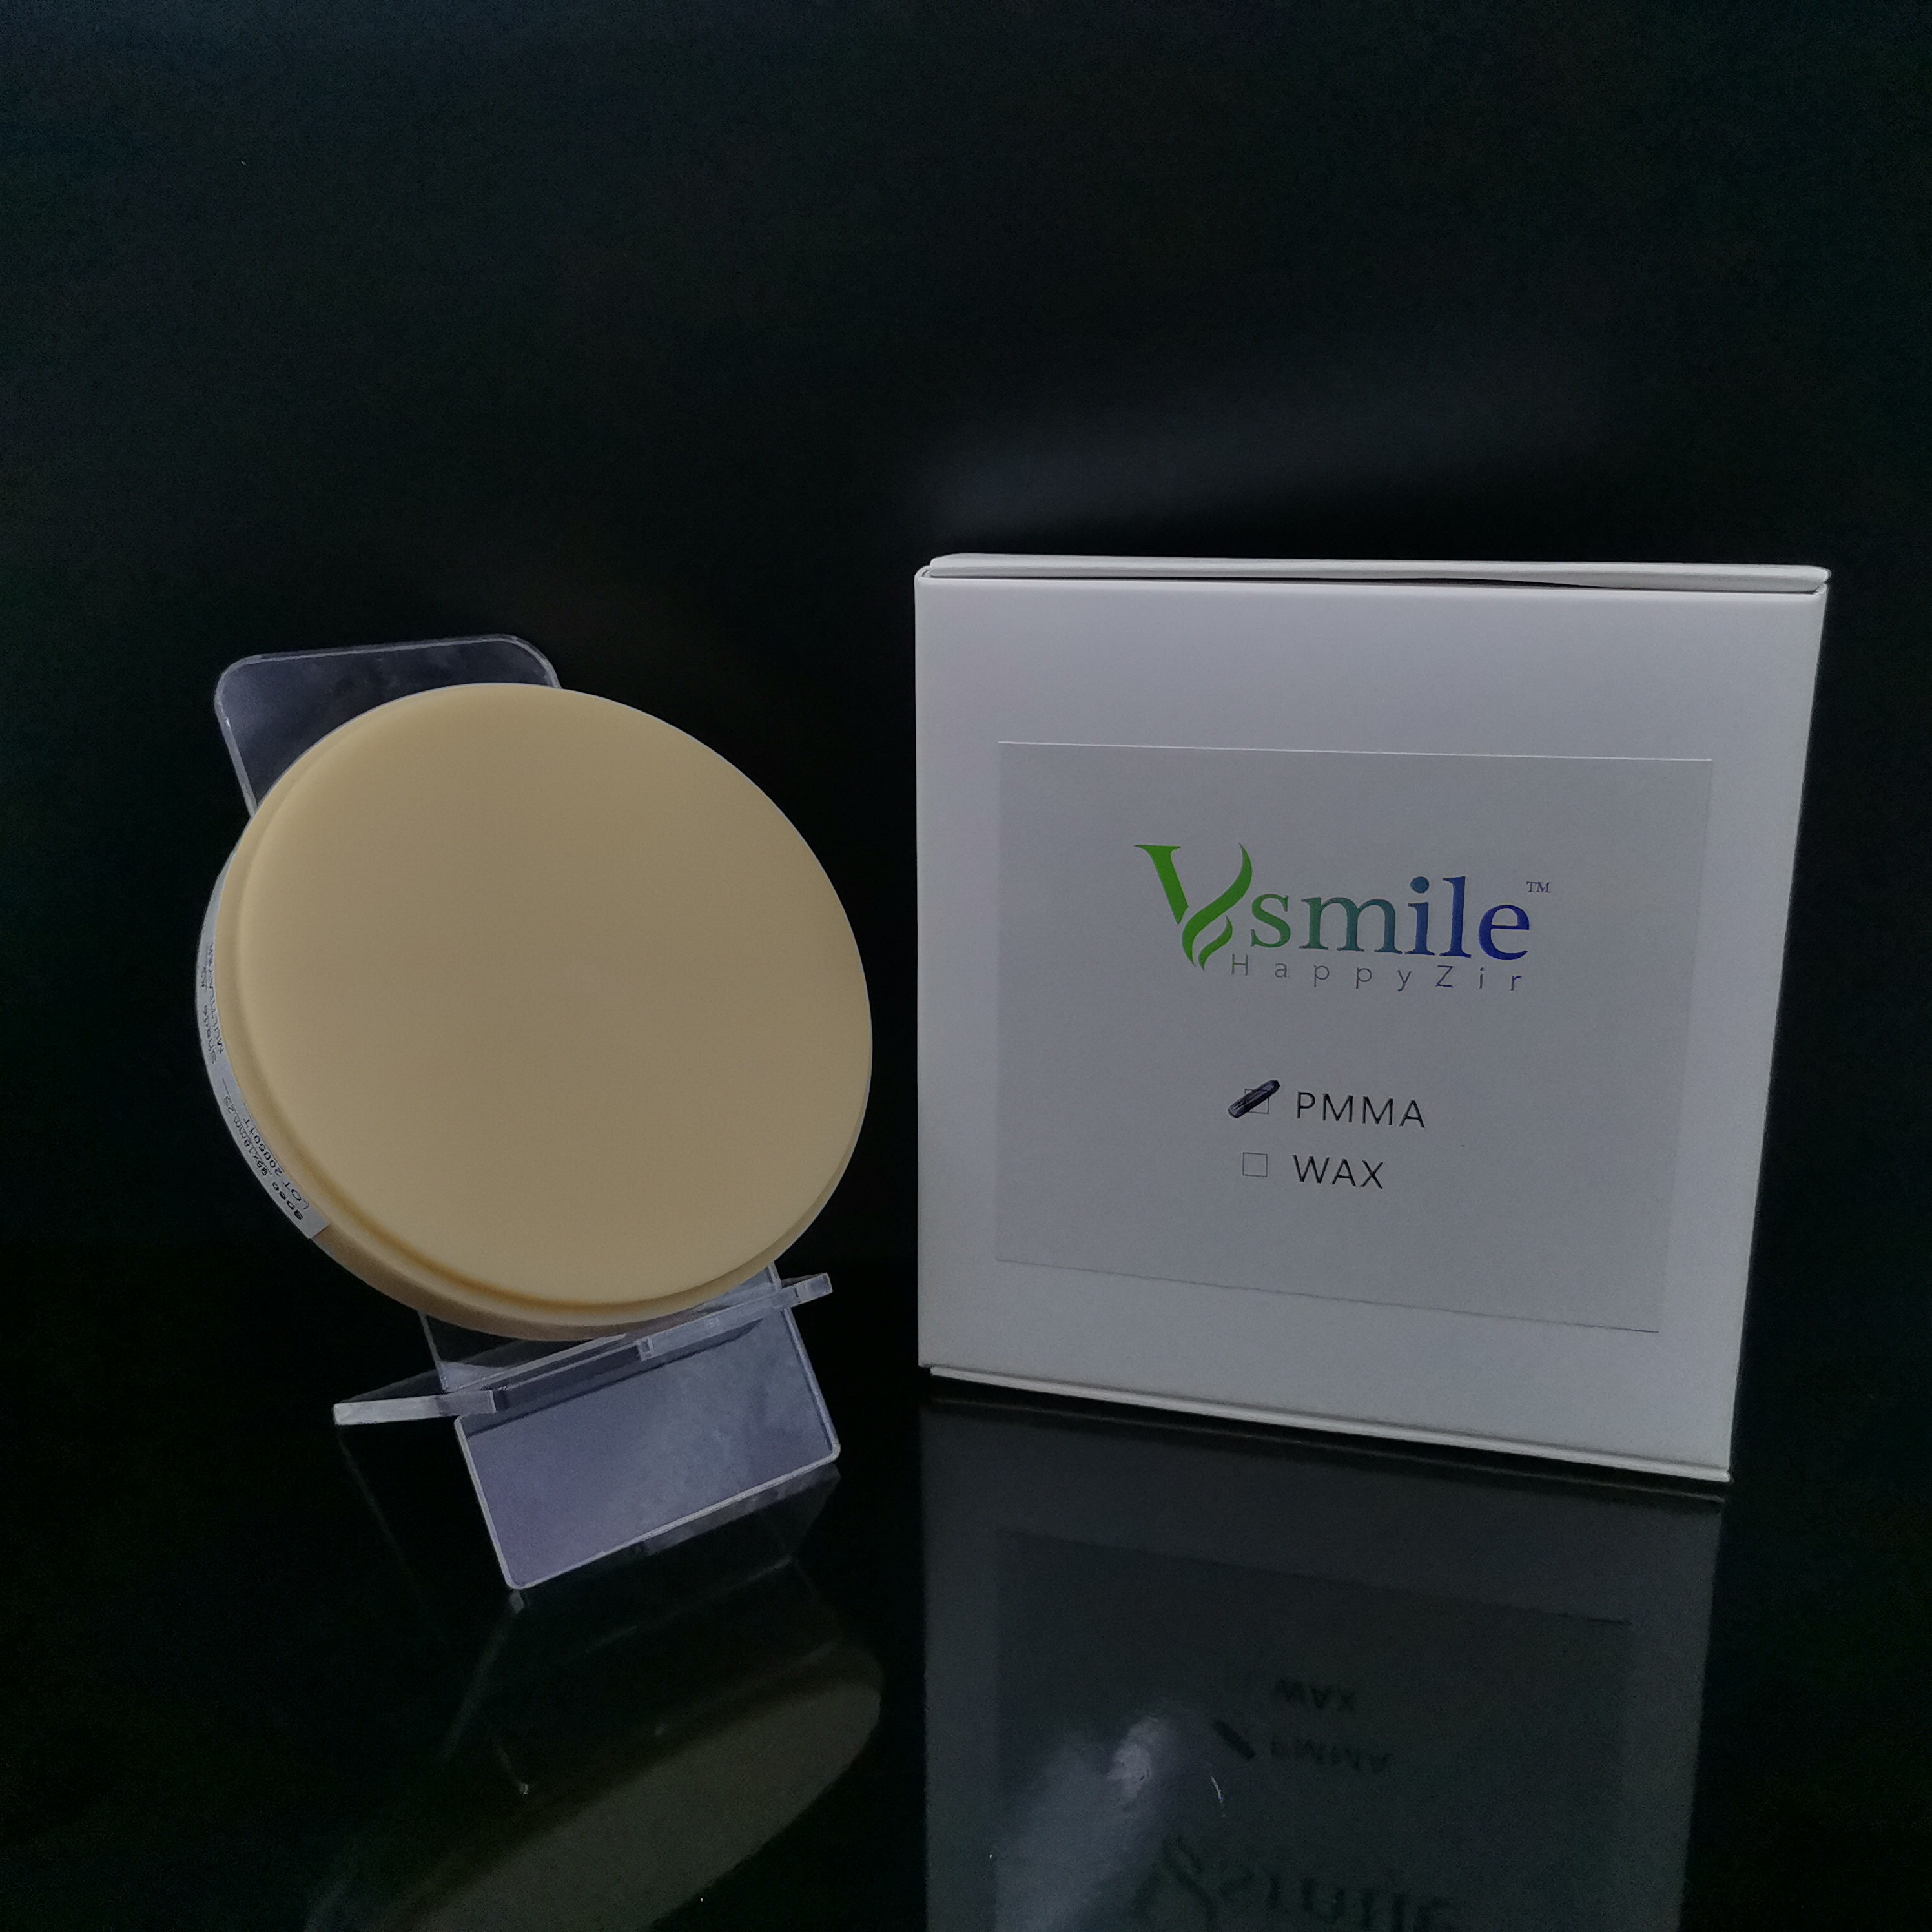 o disco acrilico dental de pmma 98mm multicamadas hibrido pmma blank vita 16 tonalidades para o